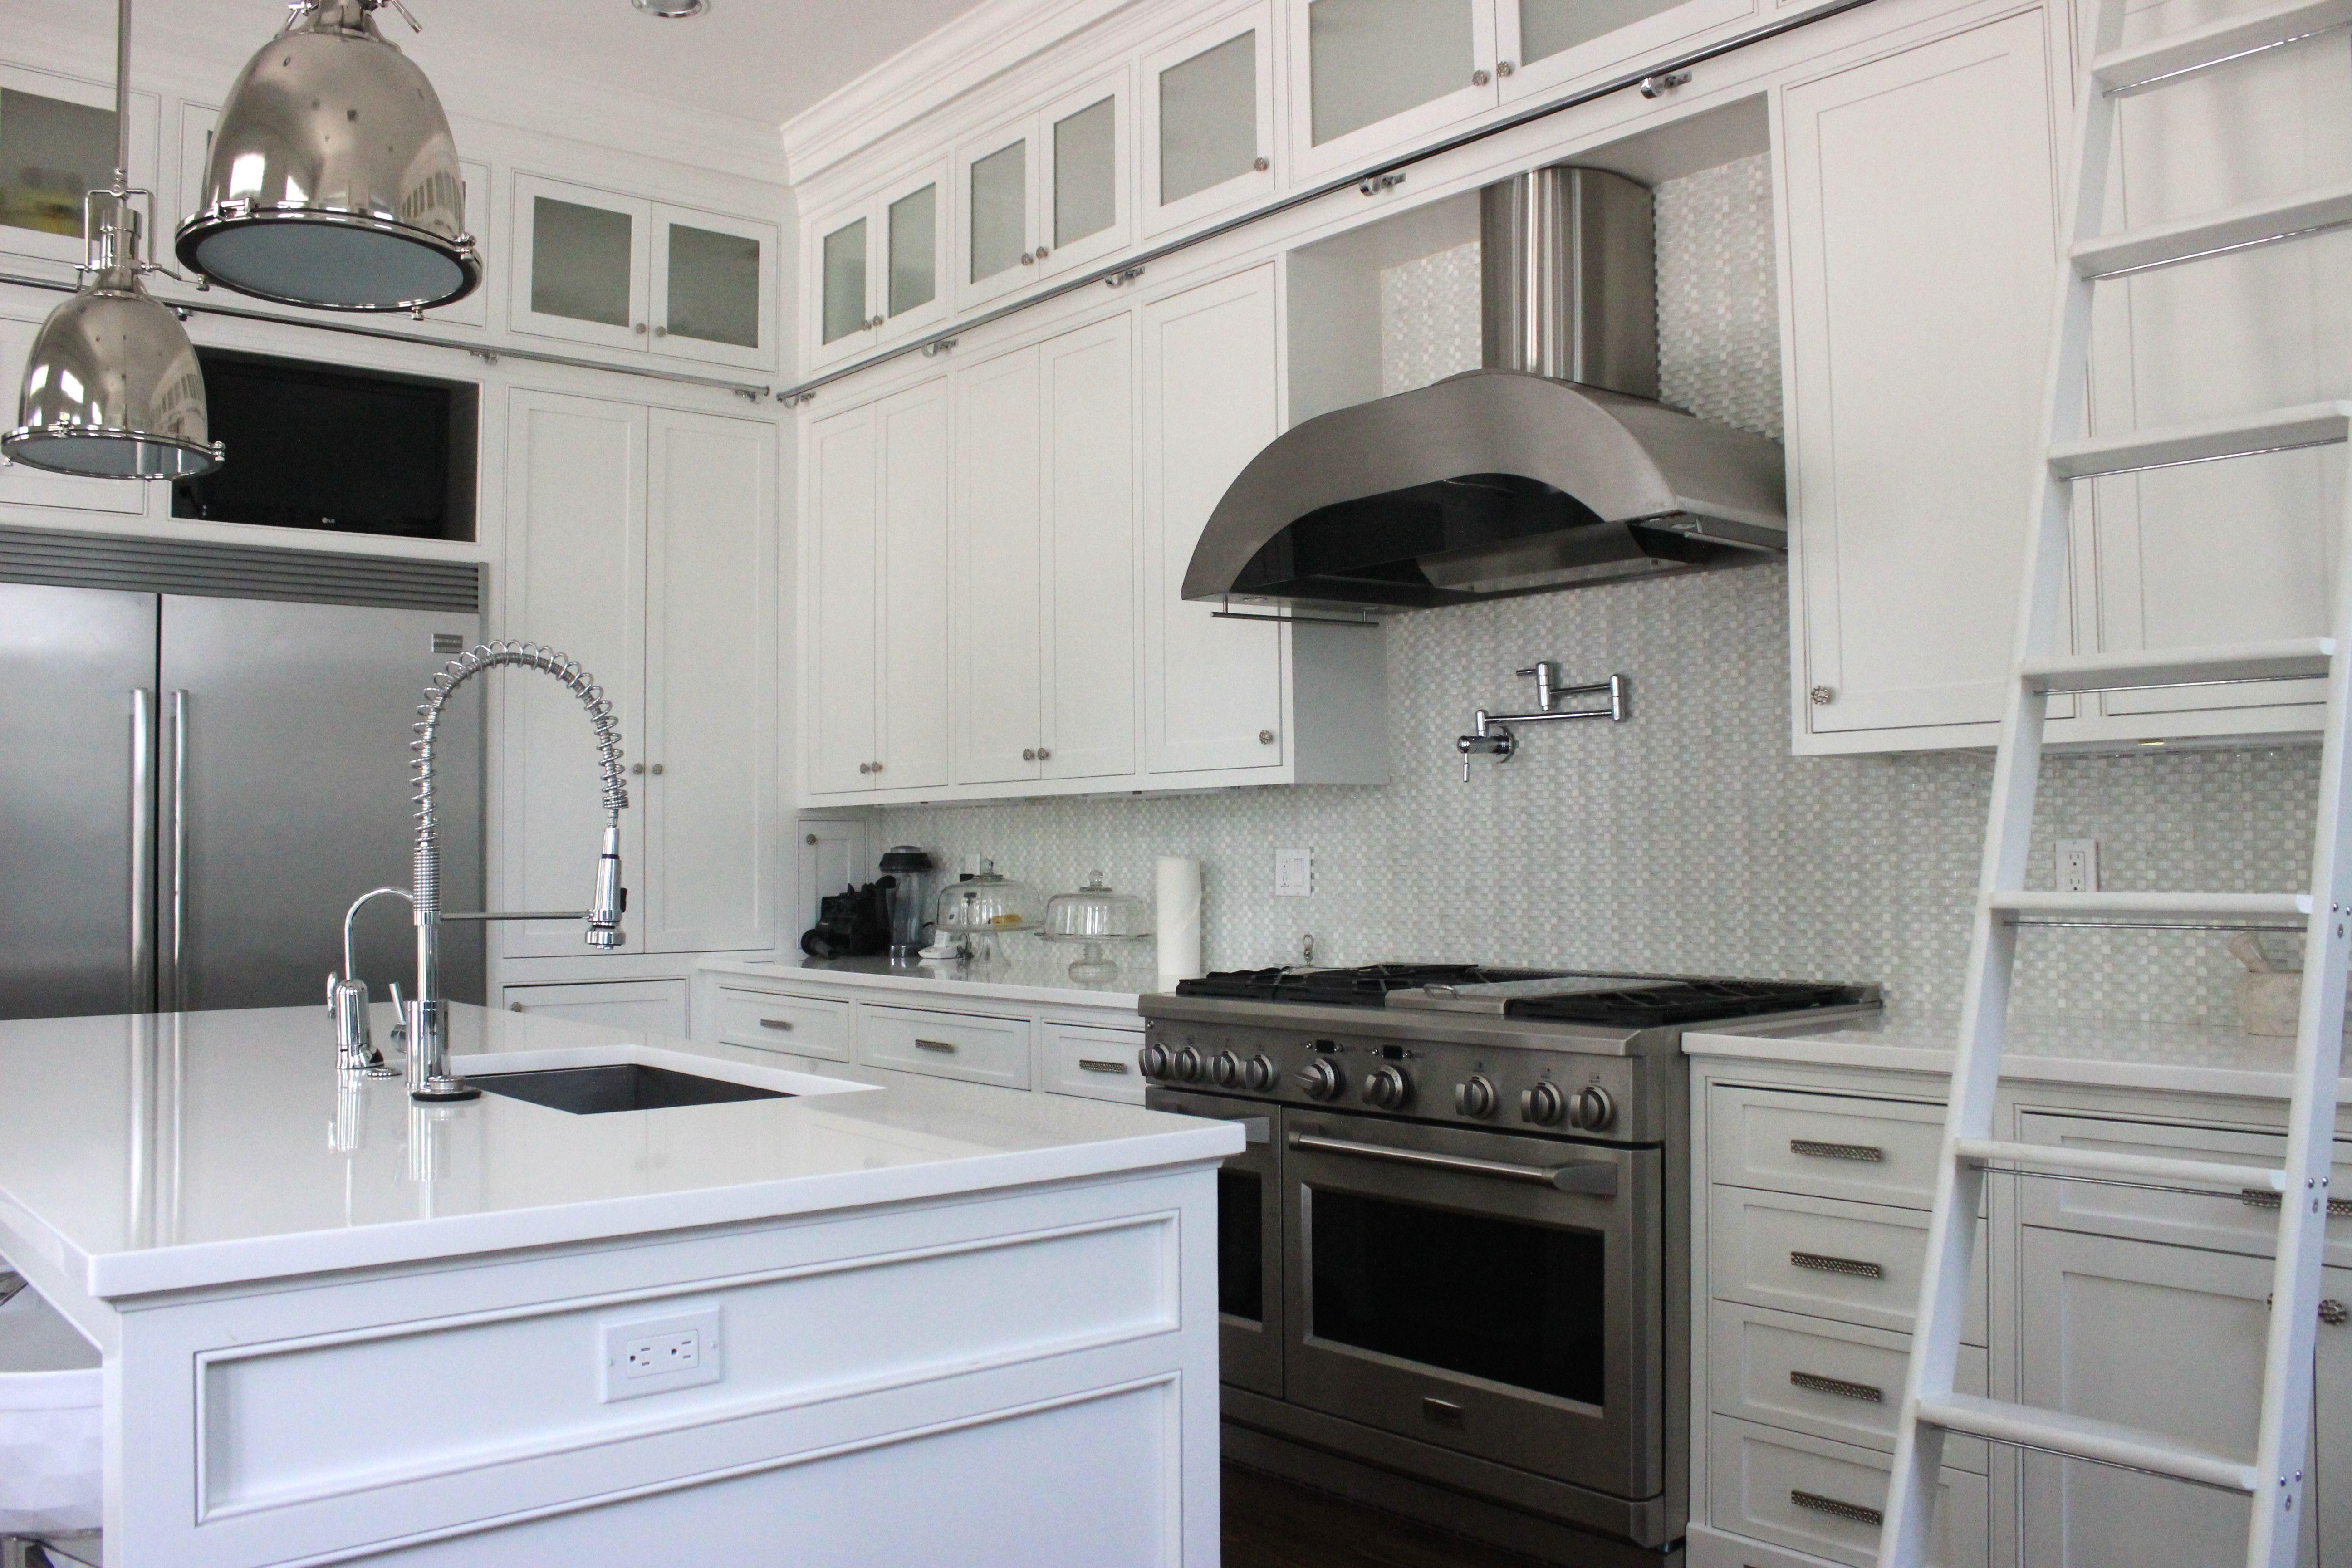 50 White Kitchen Cabinets To Brighten Up